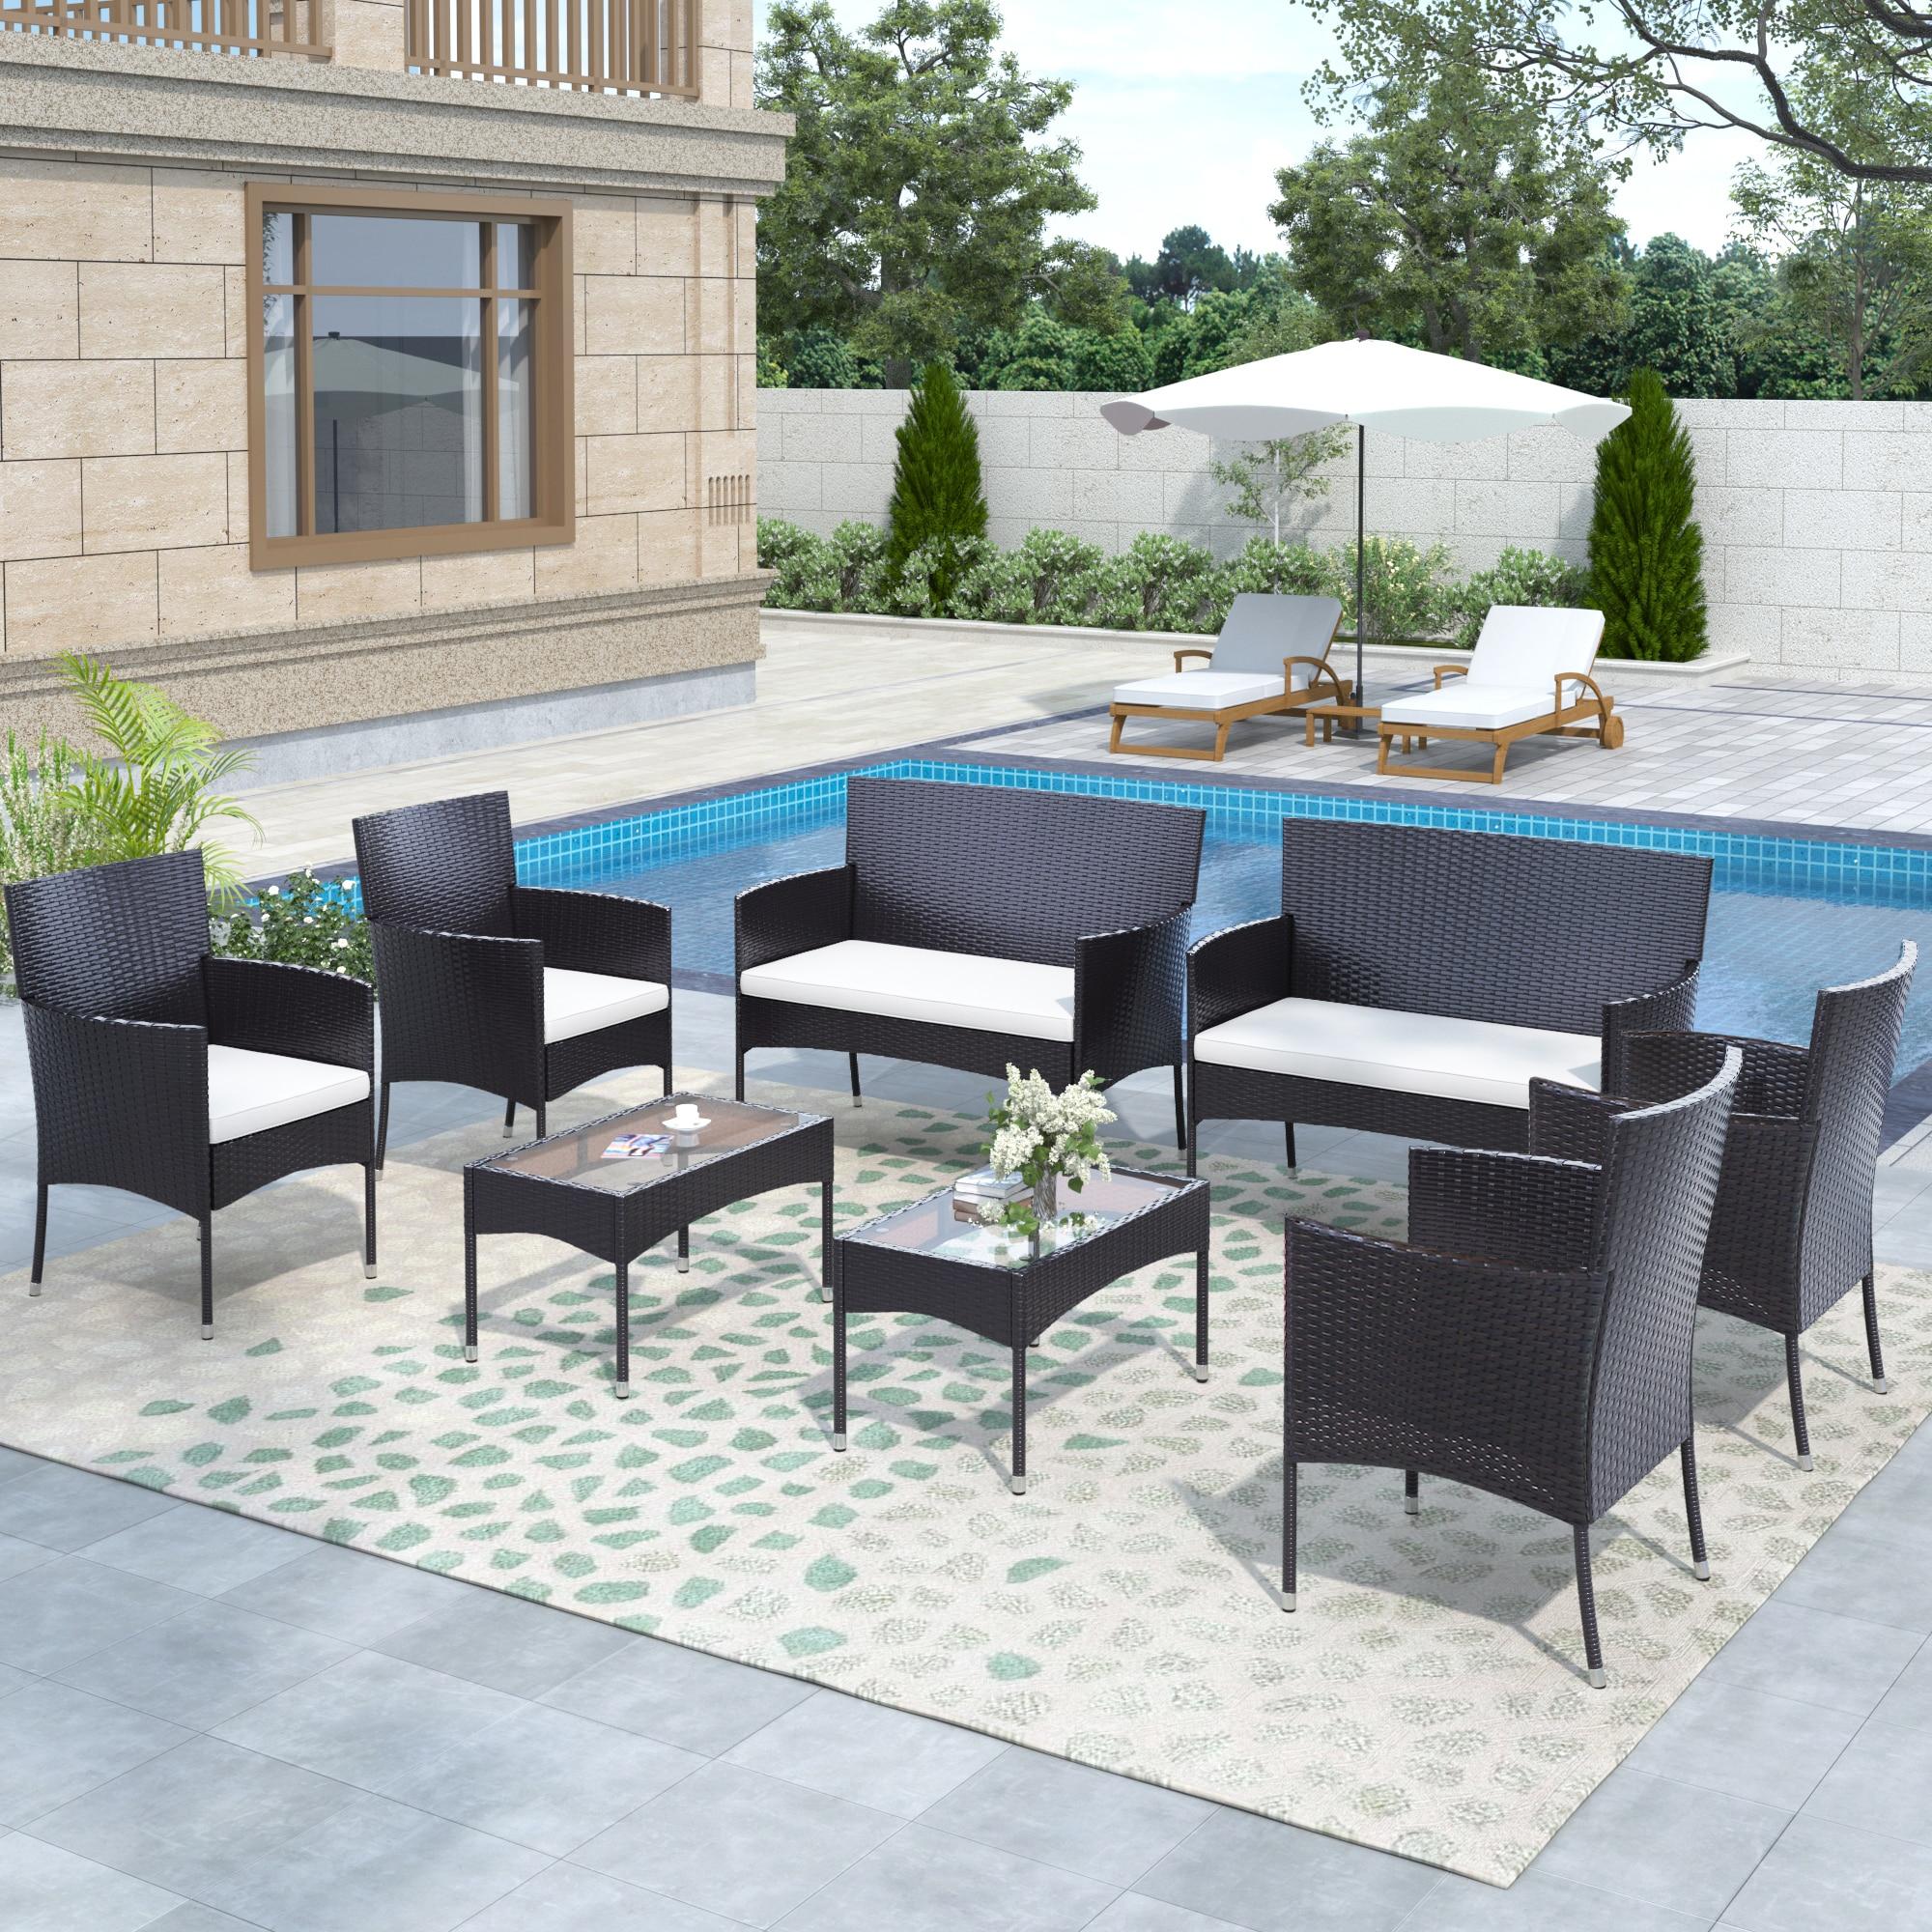 Комплект уличной мебели из 8 предметов, комплект патио из ротанга, плетеная садовая мебель, секционный диван для дома